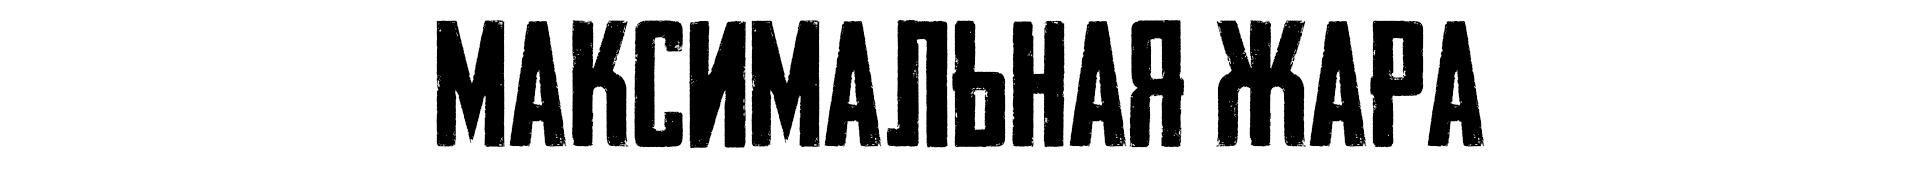 Философия мести   Ностальгический обзор игры Max Payne. - Изображение 2